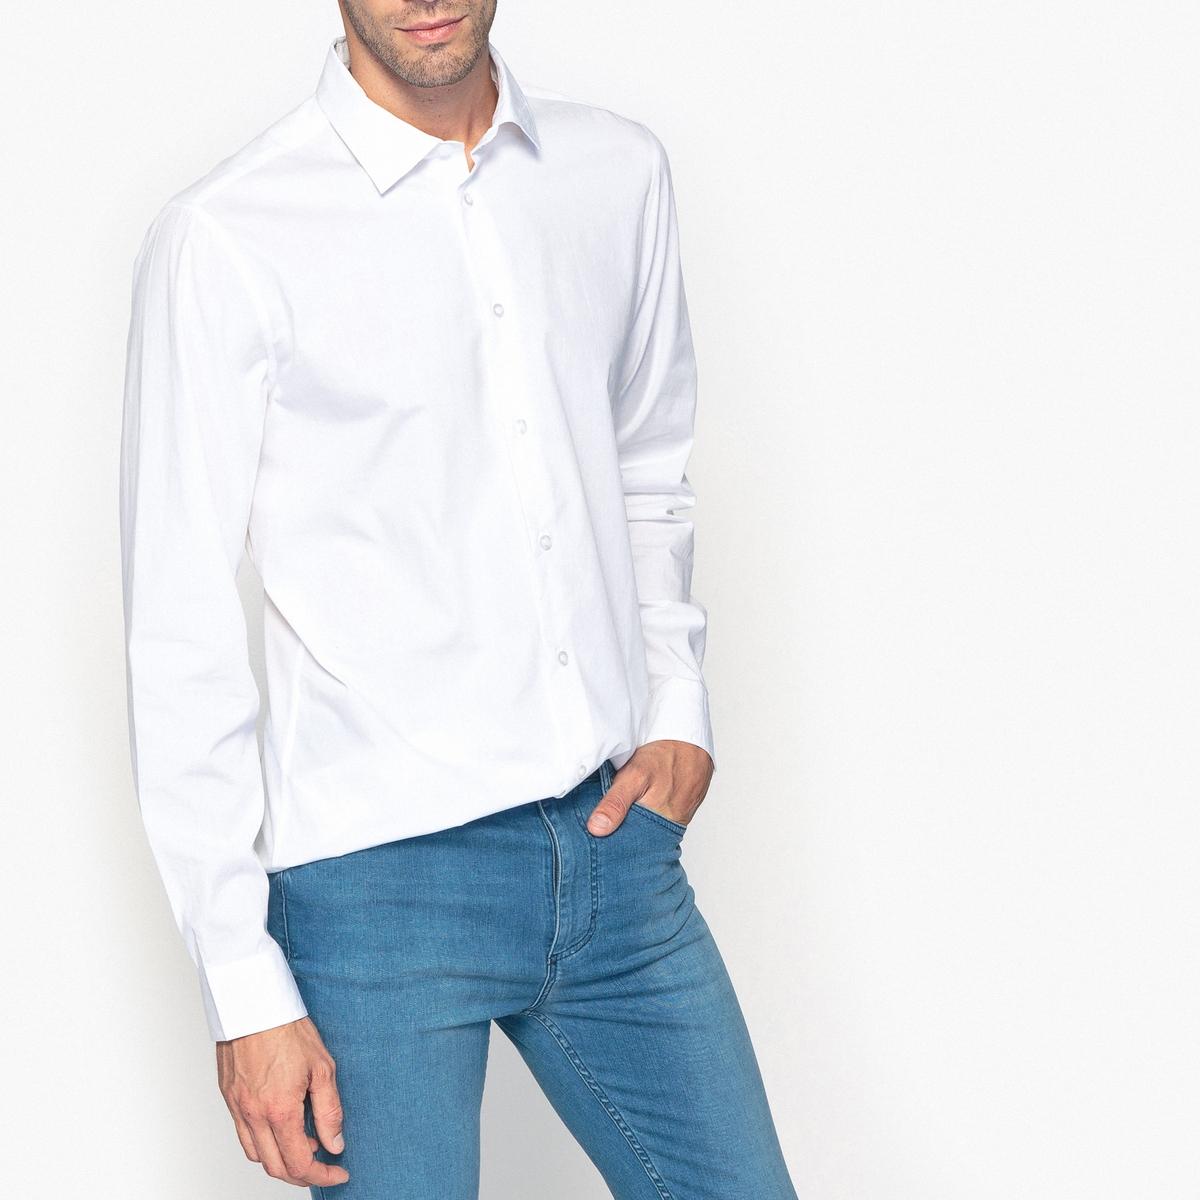 Рубашка узкого покроя, 100% хлопокОписание •  Длинные рукава  •  Приталенный покрой  •  Итальянский воротник Состав и уход •  100% хлопок  •  Машинная стирка при 40 °С  • Средняя температура глажки / не отбеливать     • Барабанная сушка в умеренном режиме       • Сухая чистка запрещена<br><br>Цвет: белый,небесно-голубой,серый,темно-синий<br>Размер: 41/42.43/44.45/46.39/40.41/42.43/44.39/40.41/42.45/46.41/42